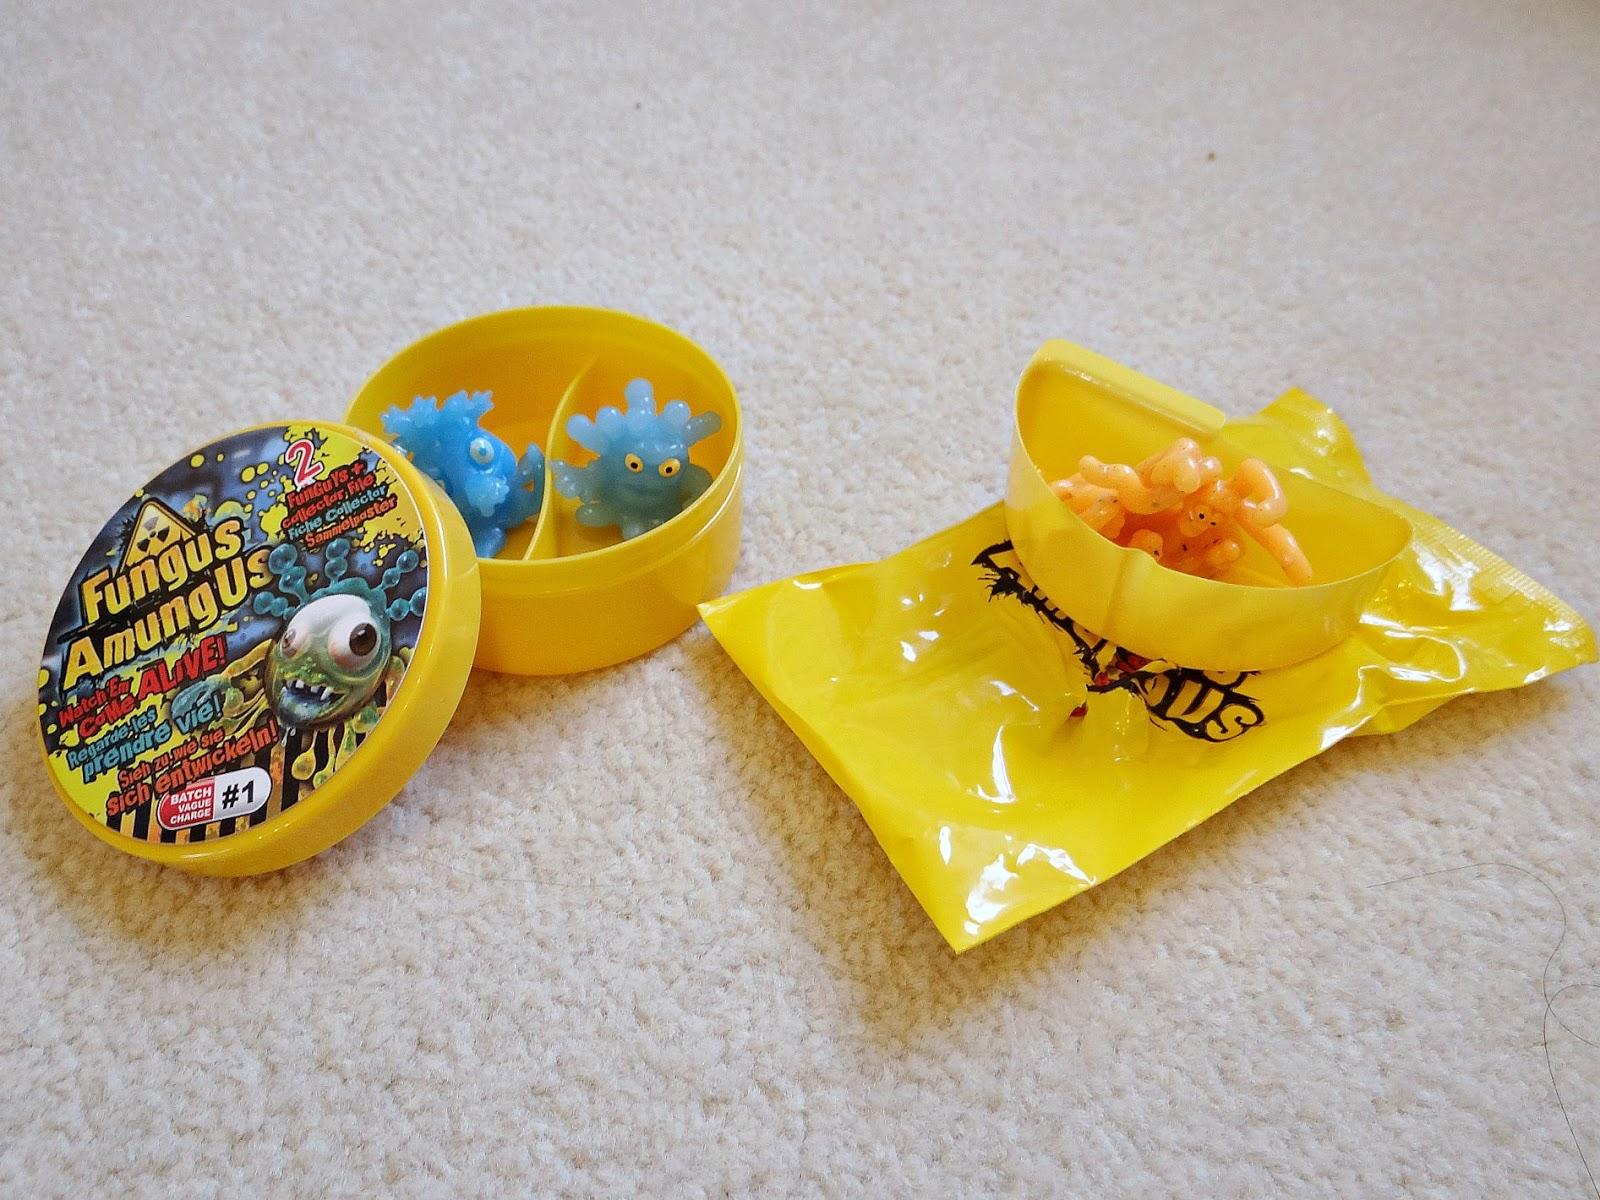 Fungus Amungus, gross toys, jelly toys